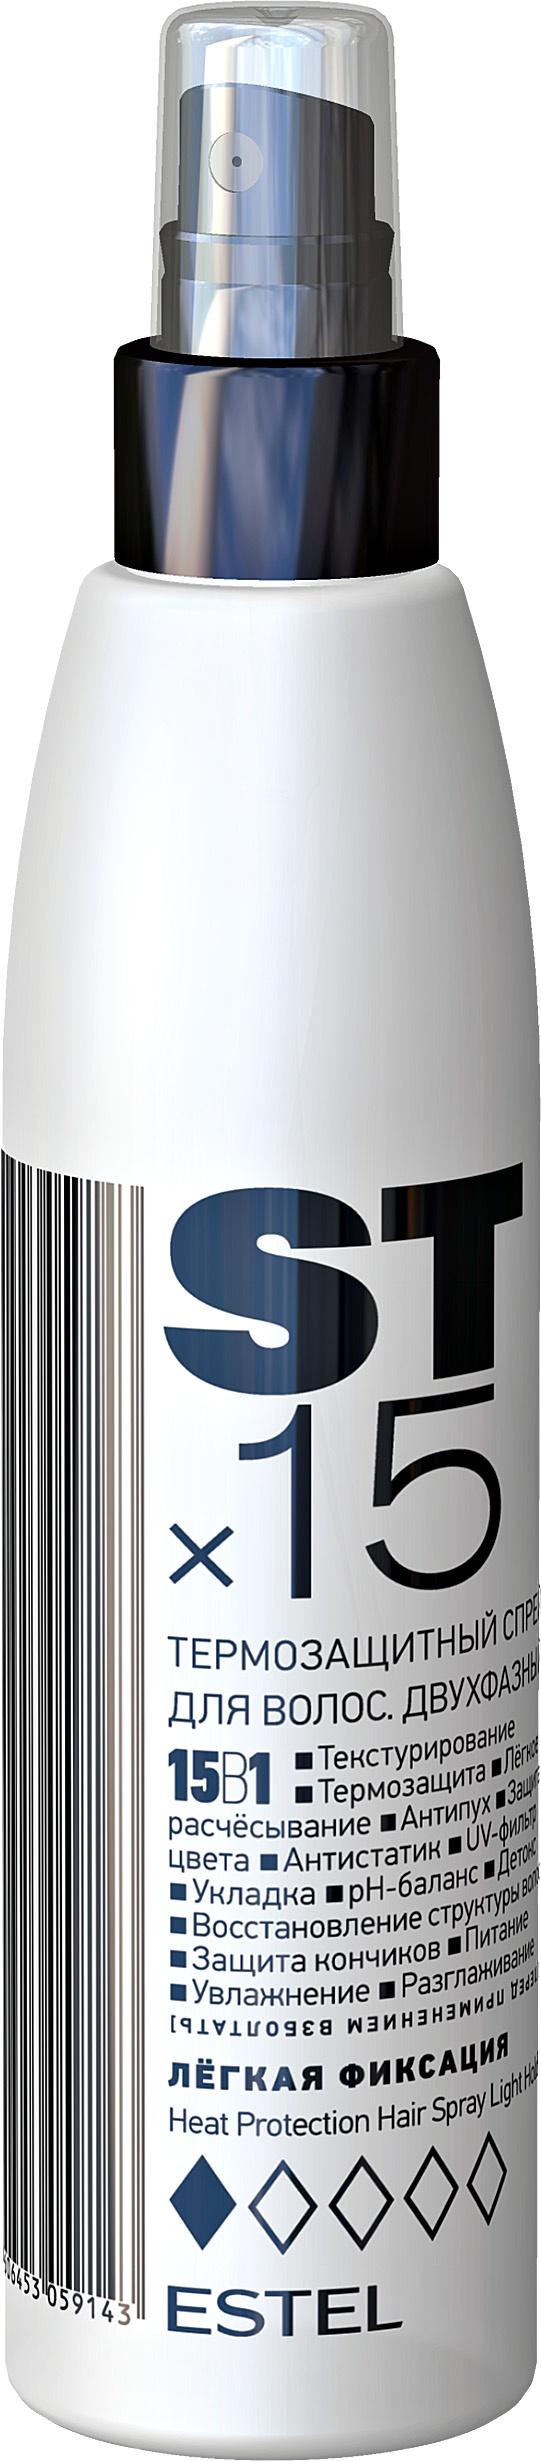 ST200/LS Двухфазный термозащитный спрей для волос 15 в 1 STx15 Легкая фиксация, 200 мл